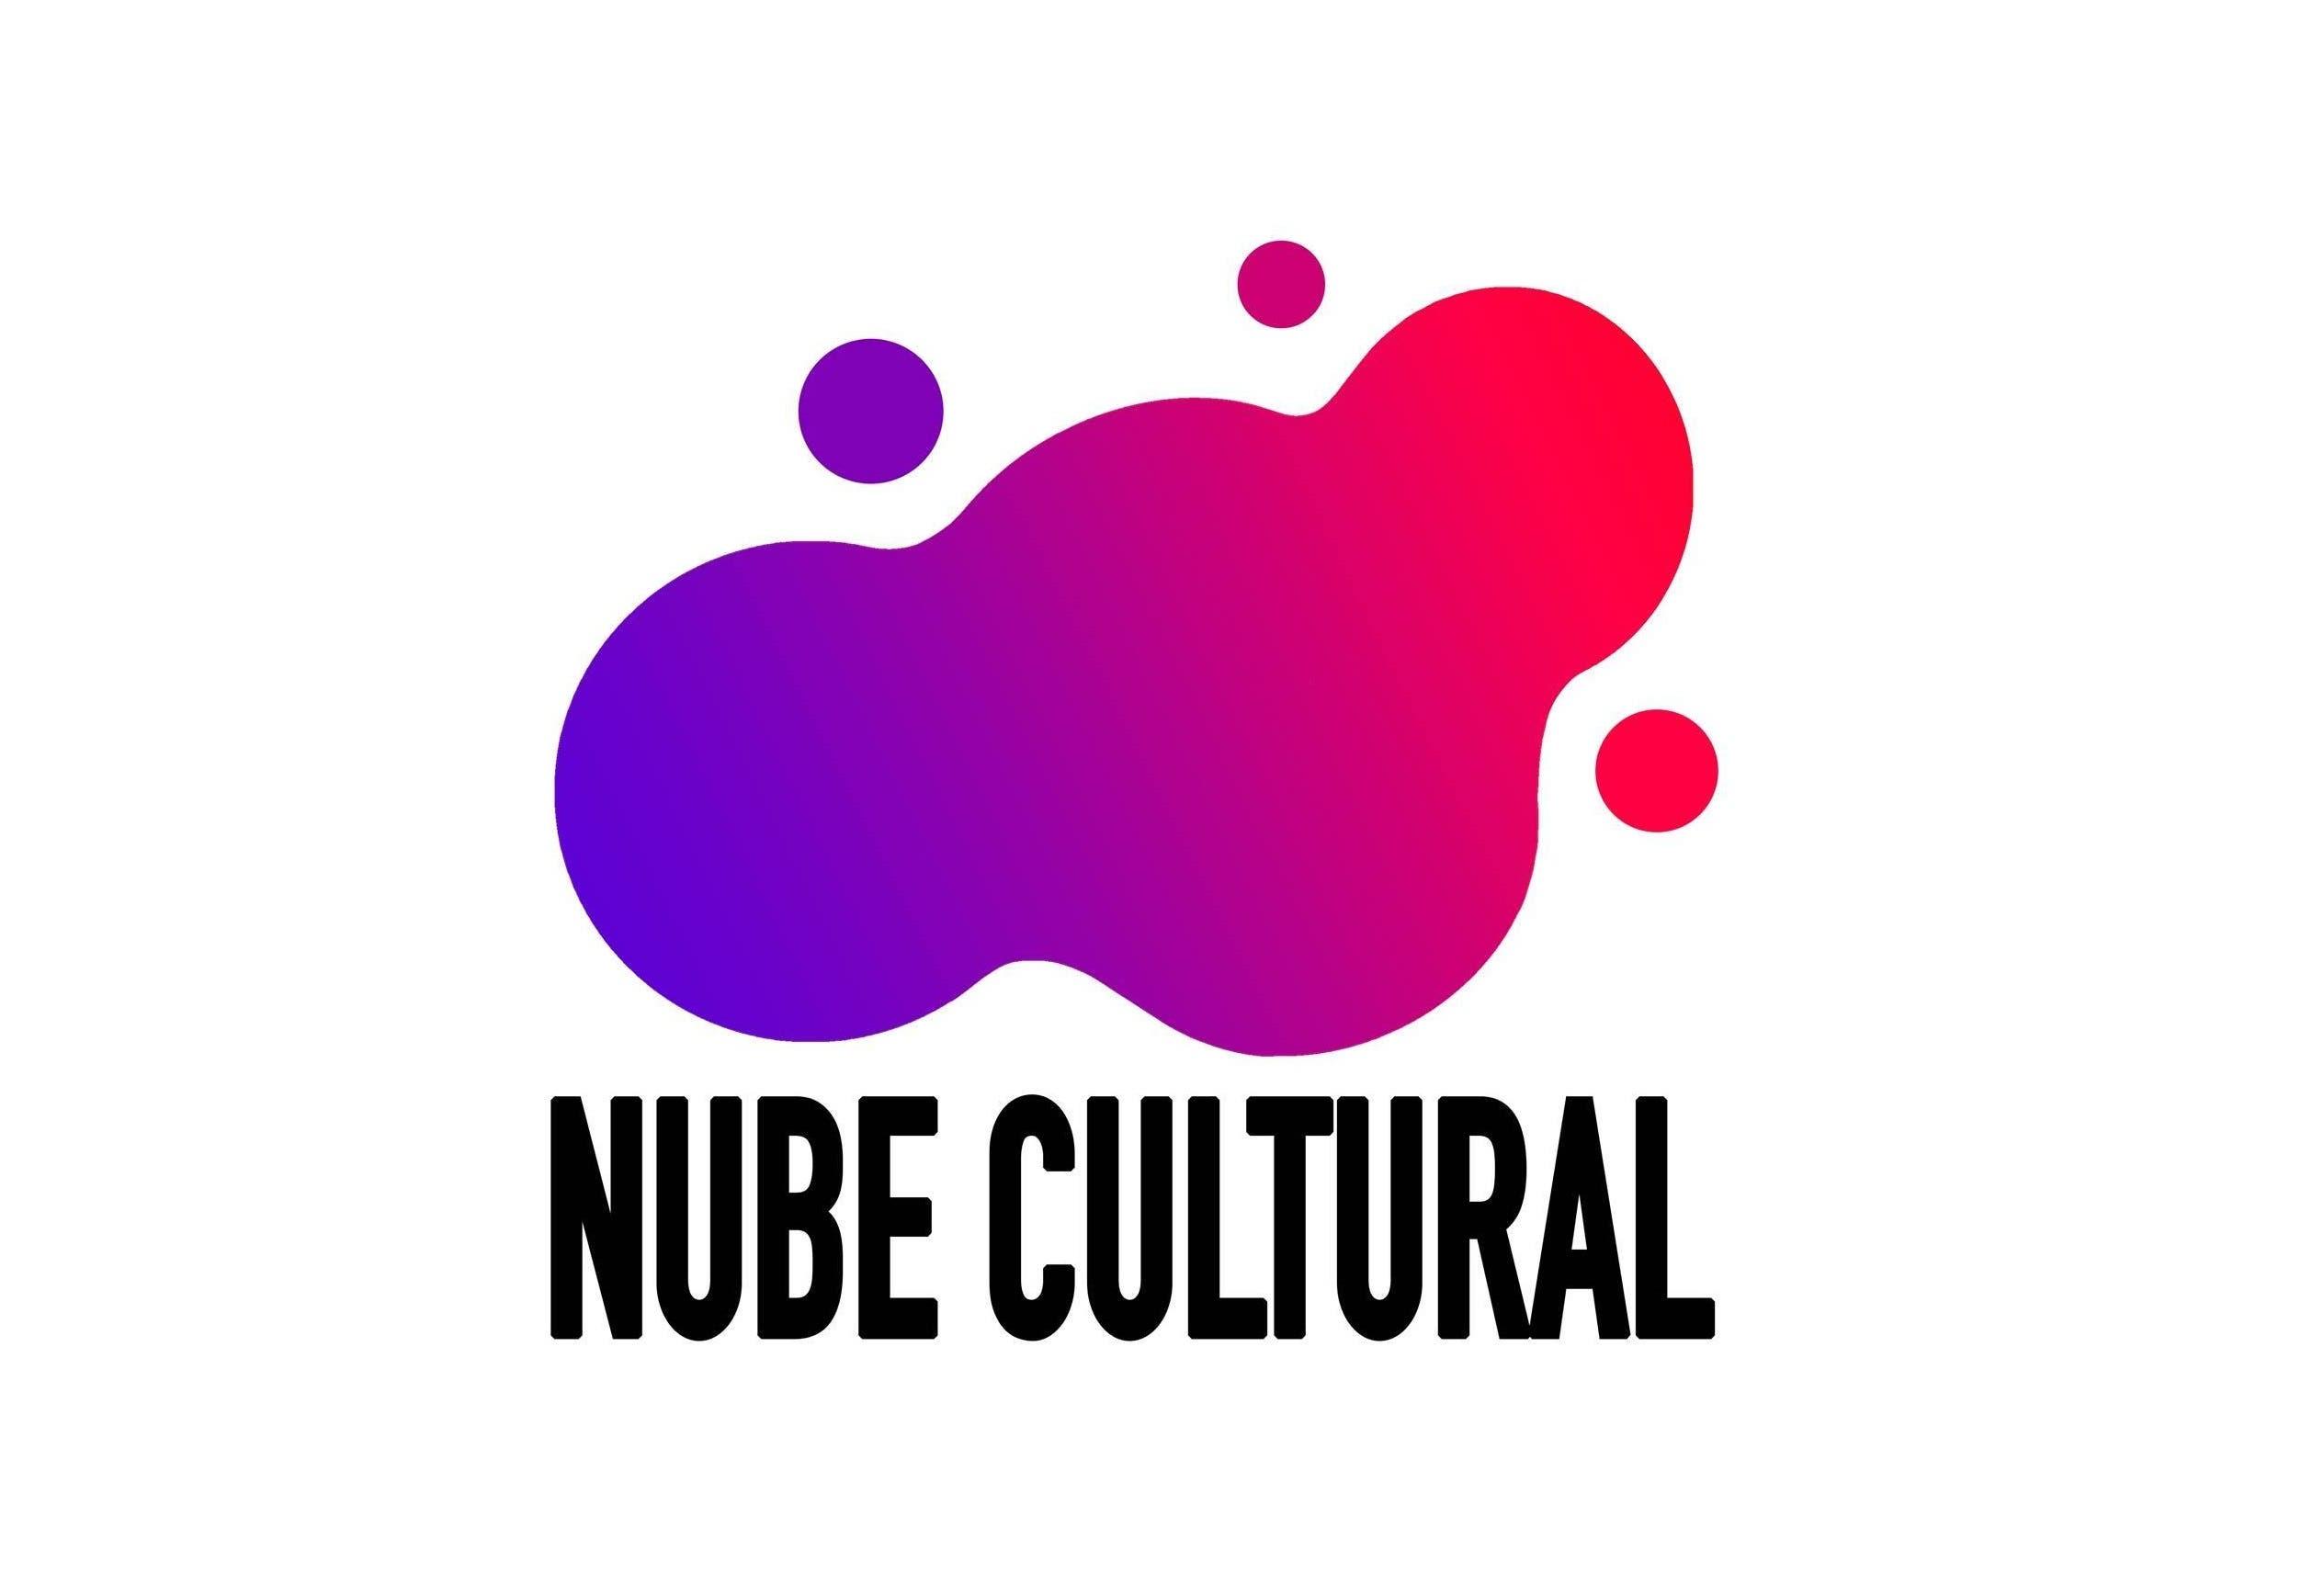 NUBE CULTURAL